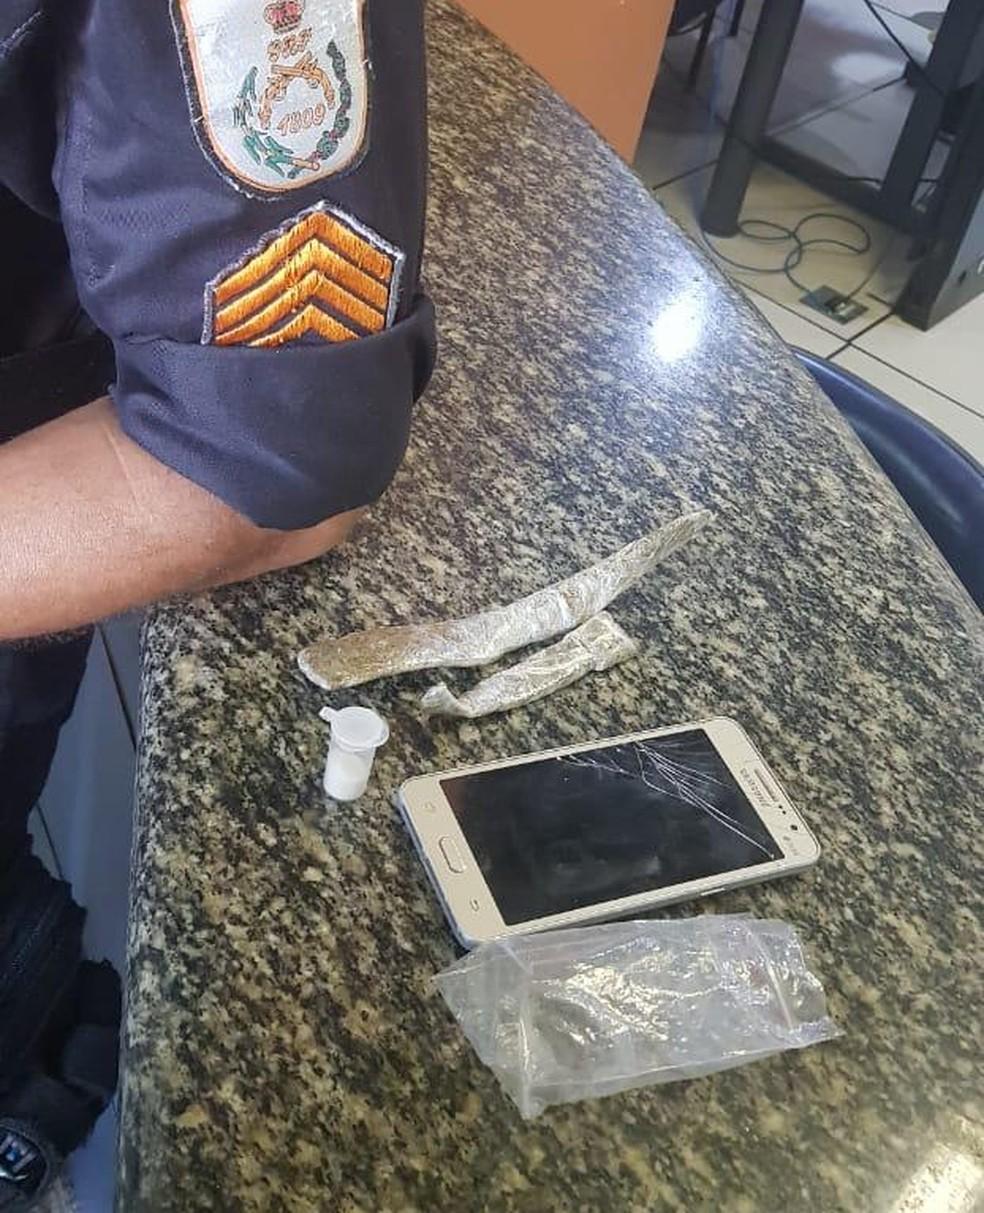 Homem é detido com duas trouxinhas de maconha e celular de procedência duvidosa em Saquarema, no RJ — Foto: Divulgação/25ºBPM